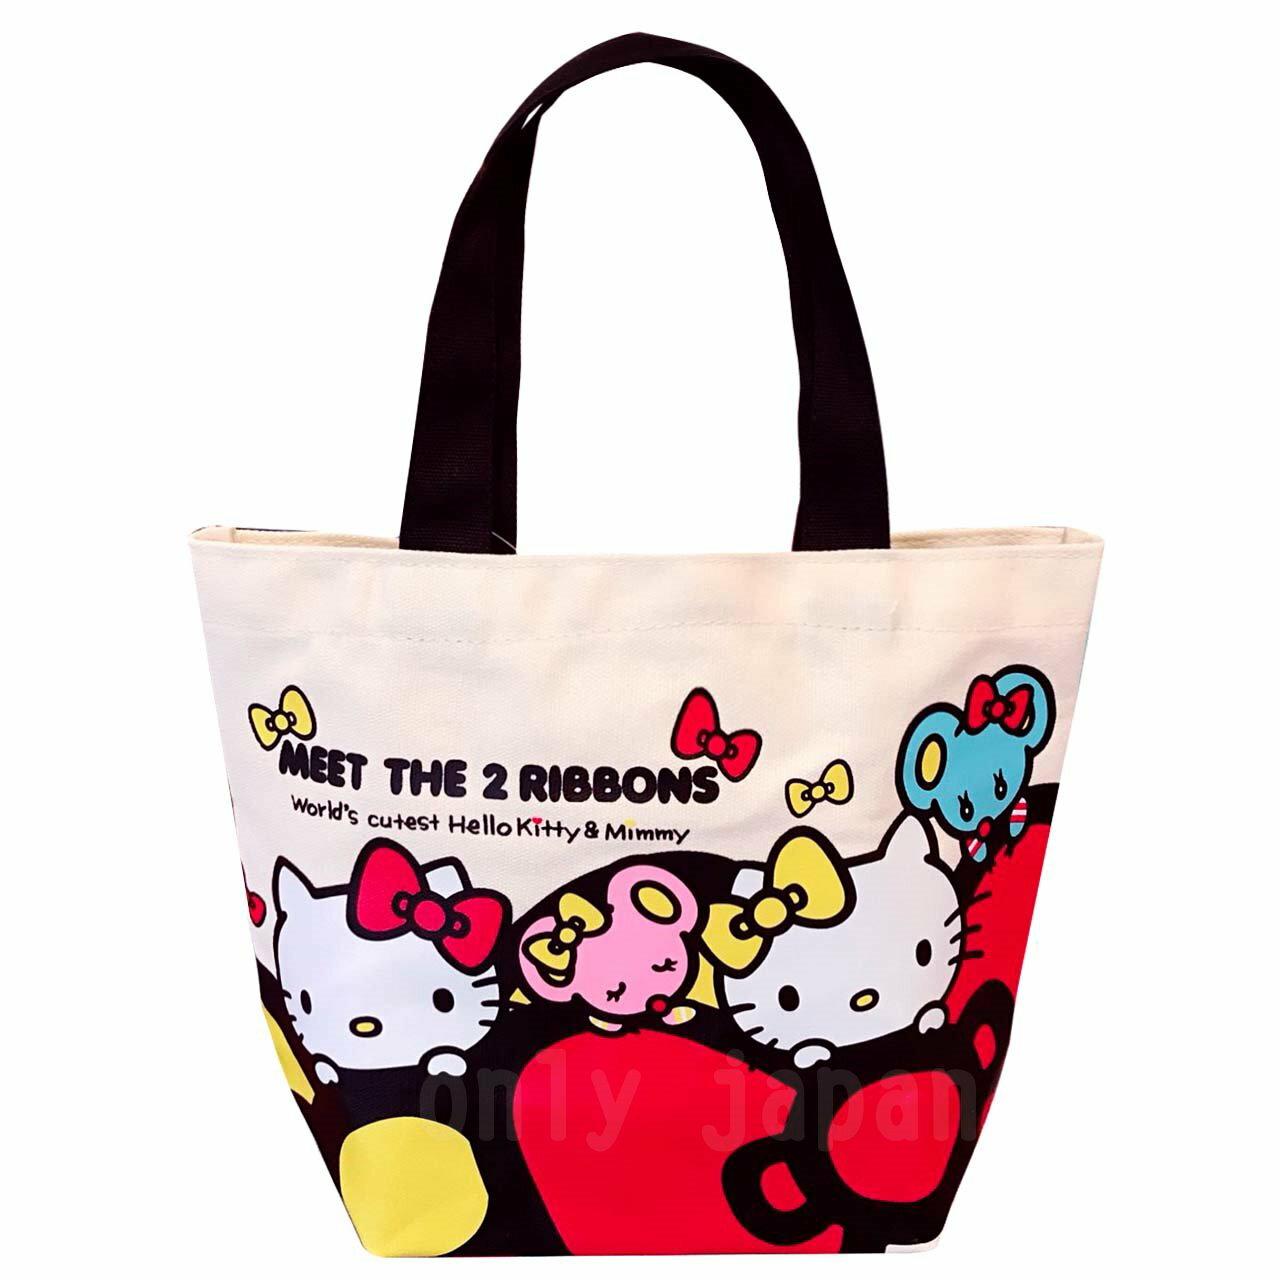 【真愛日本】18042600014 帆布便當袋-KT雙胞胎蝴蝶結 kitty 凱蒂貓 餐袋 便當袋 手提袋 手提包